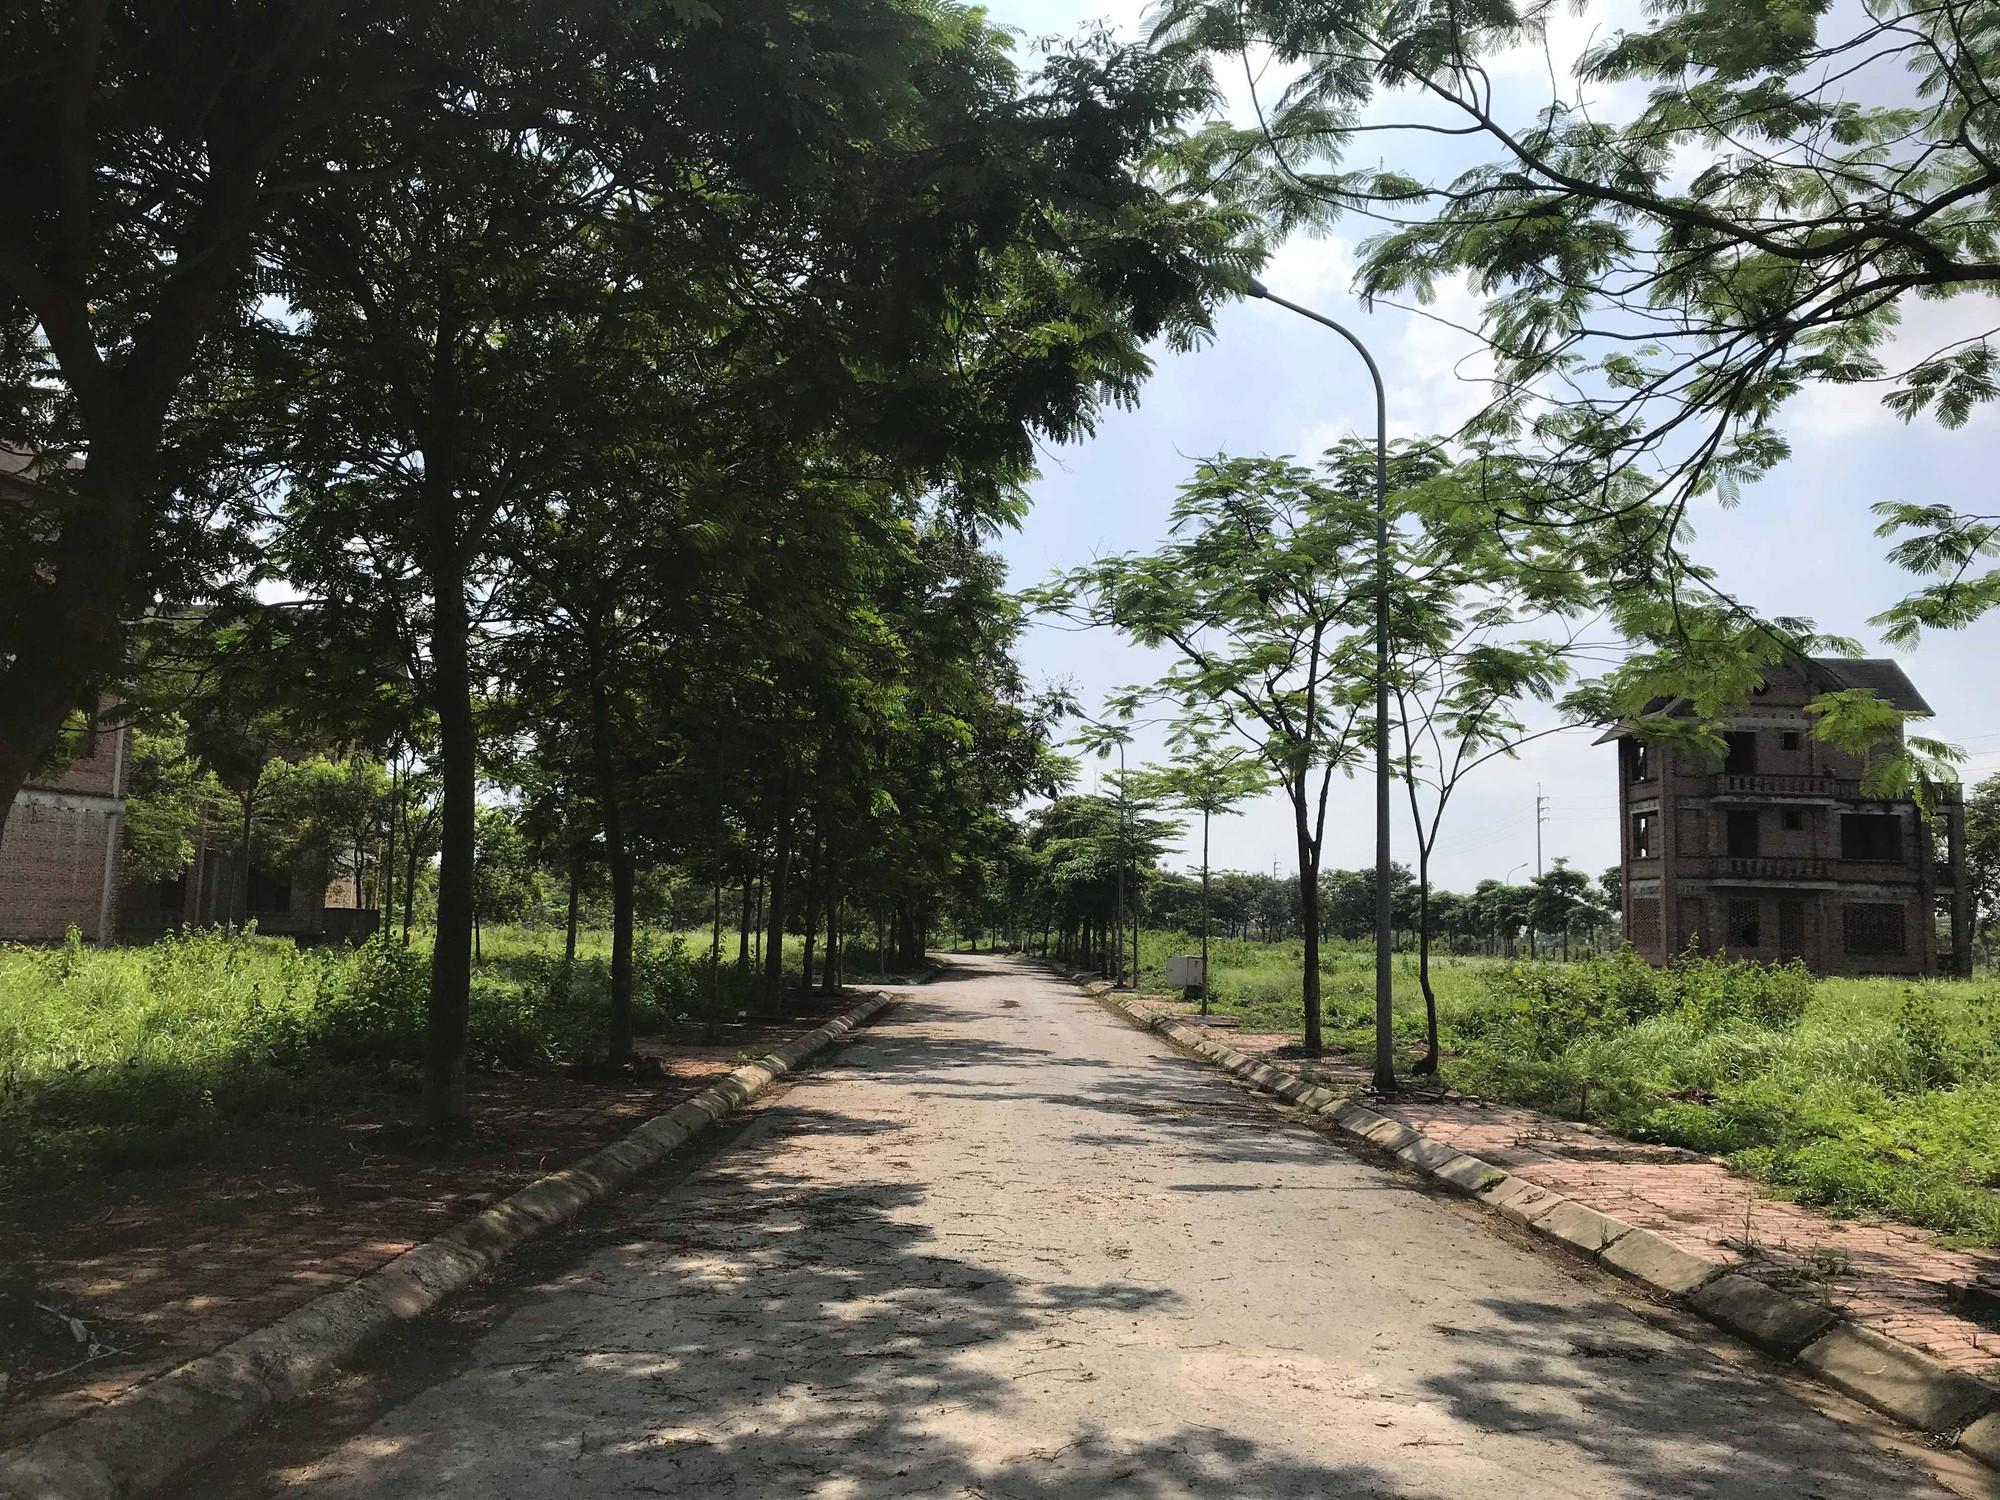 Dự án 900 tỉ đồng tại Mê Linh trở thành nơi chăn nuôi dê - Ảnh 6.